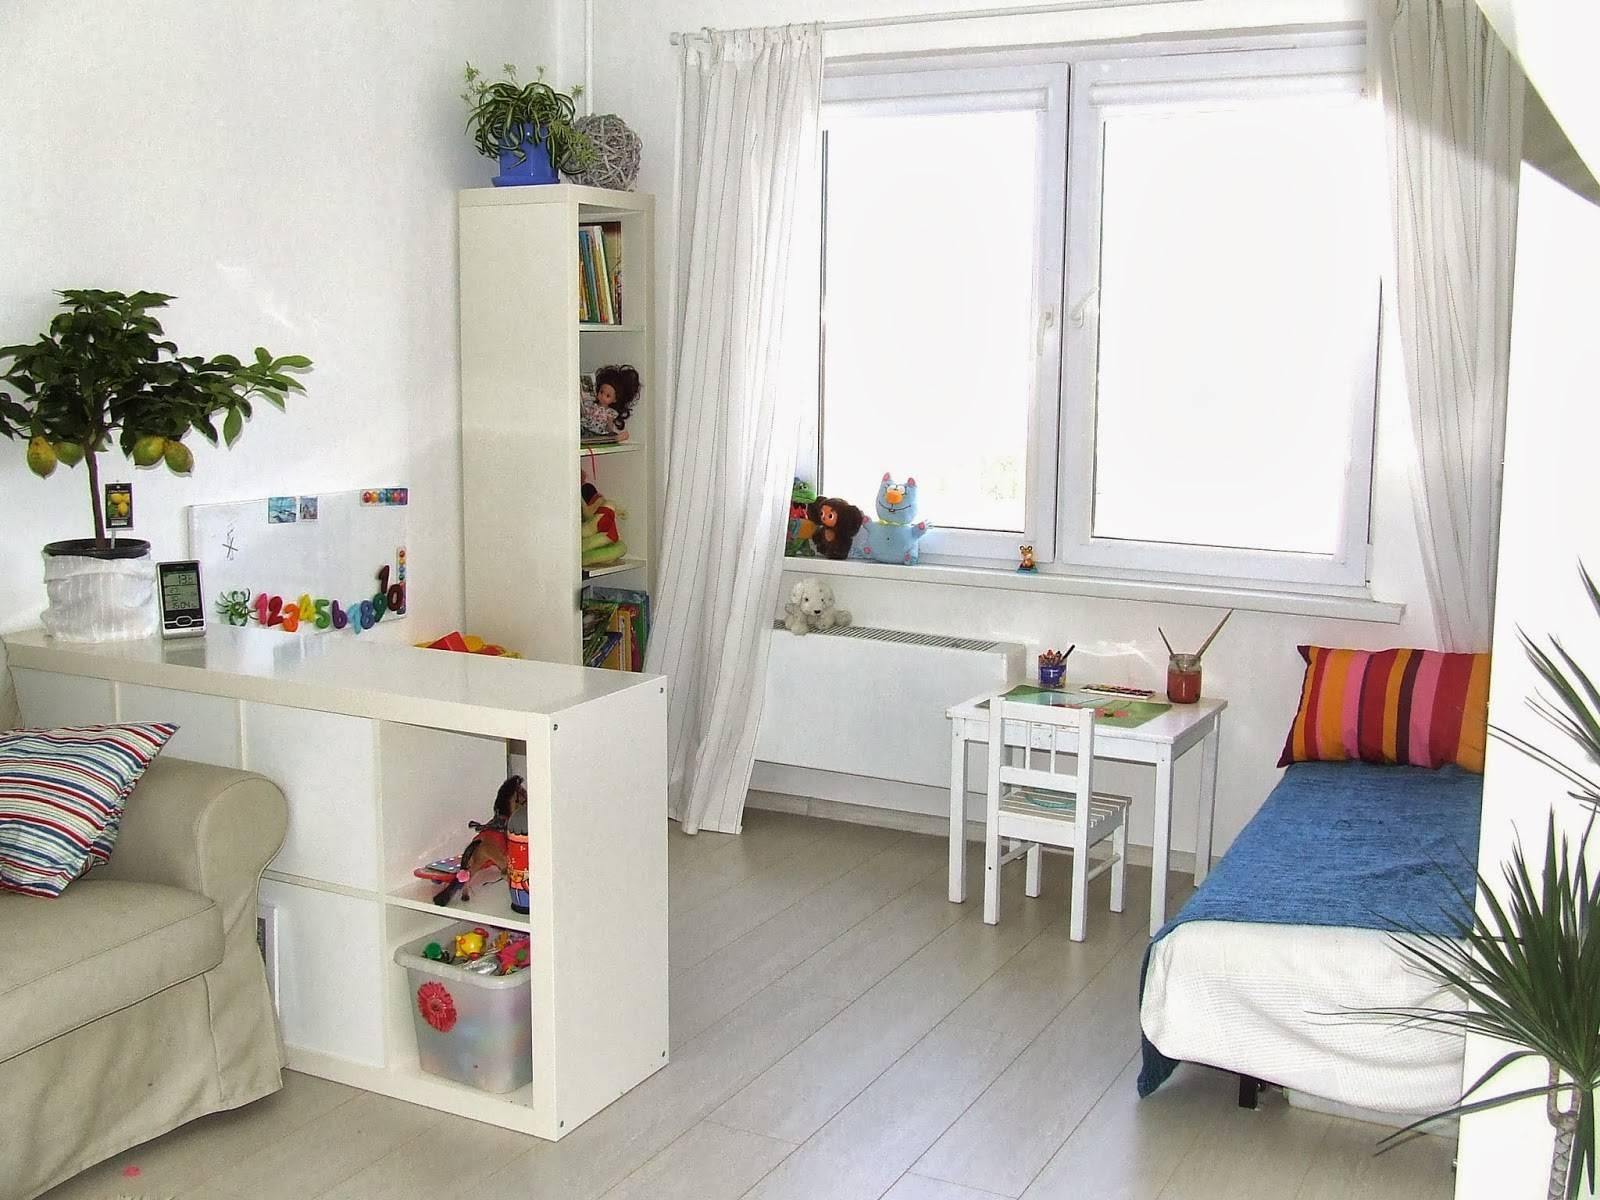 Шкафы икеа: идеальная мебель для жилых комнат в множестве готовых комбинаций